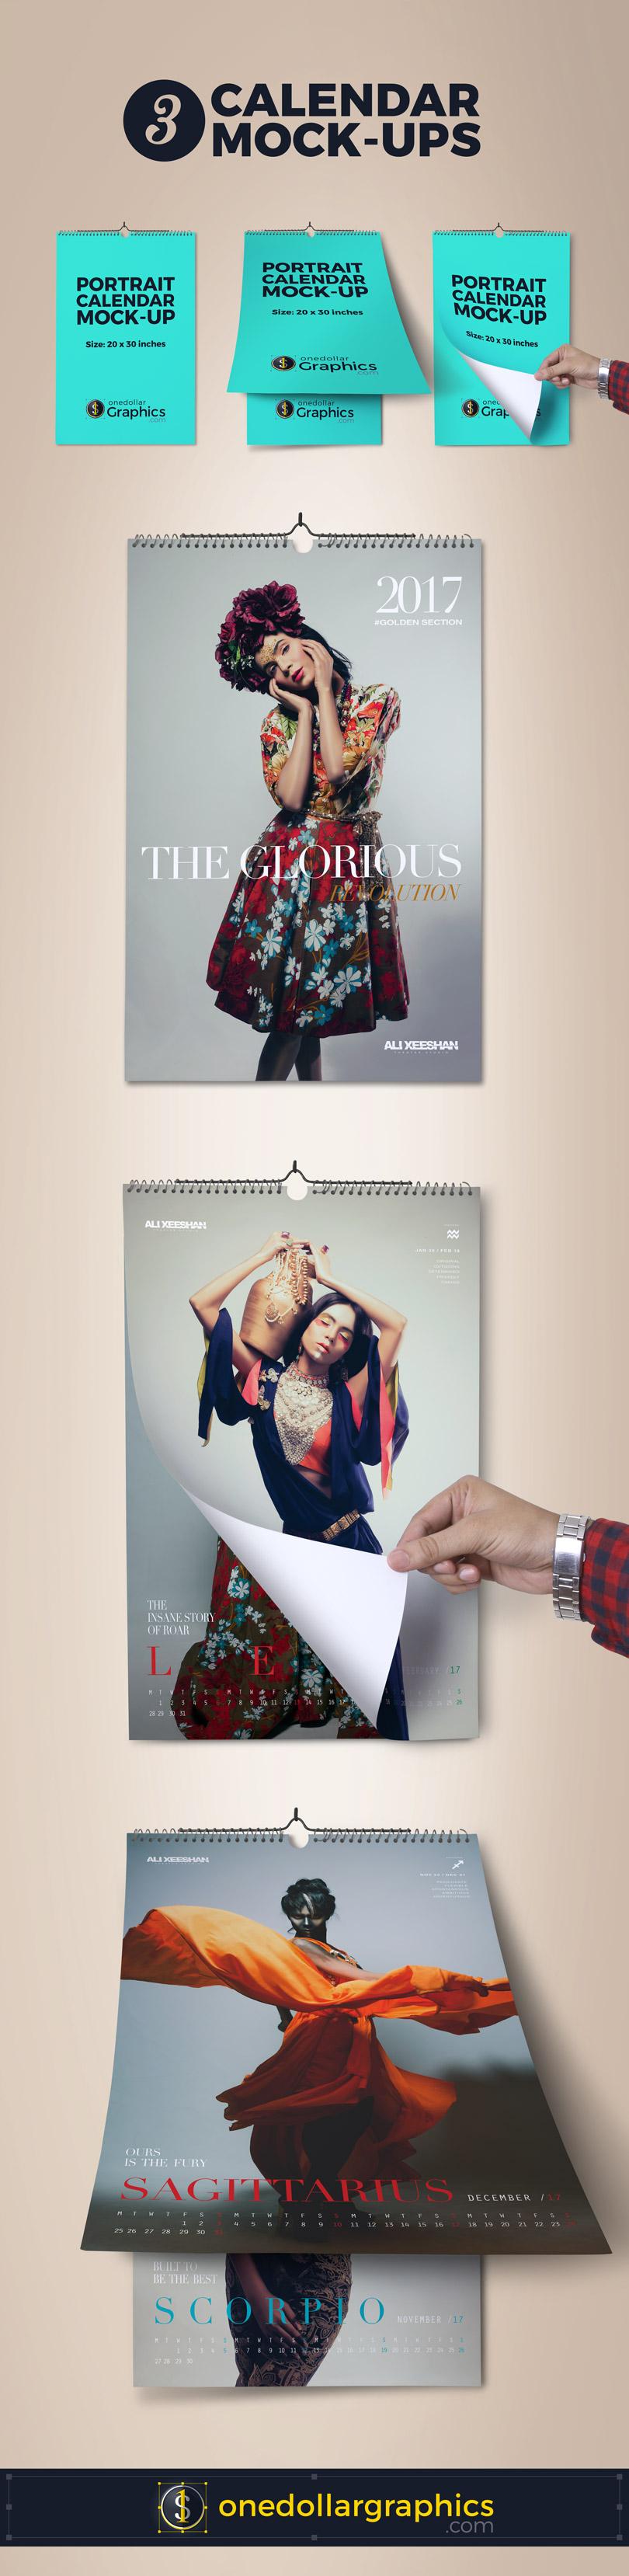 calendar-mock-up-psd-files-2